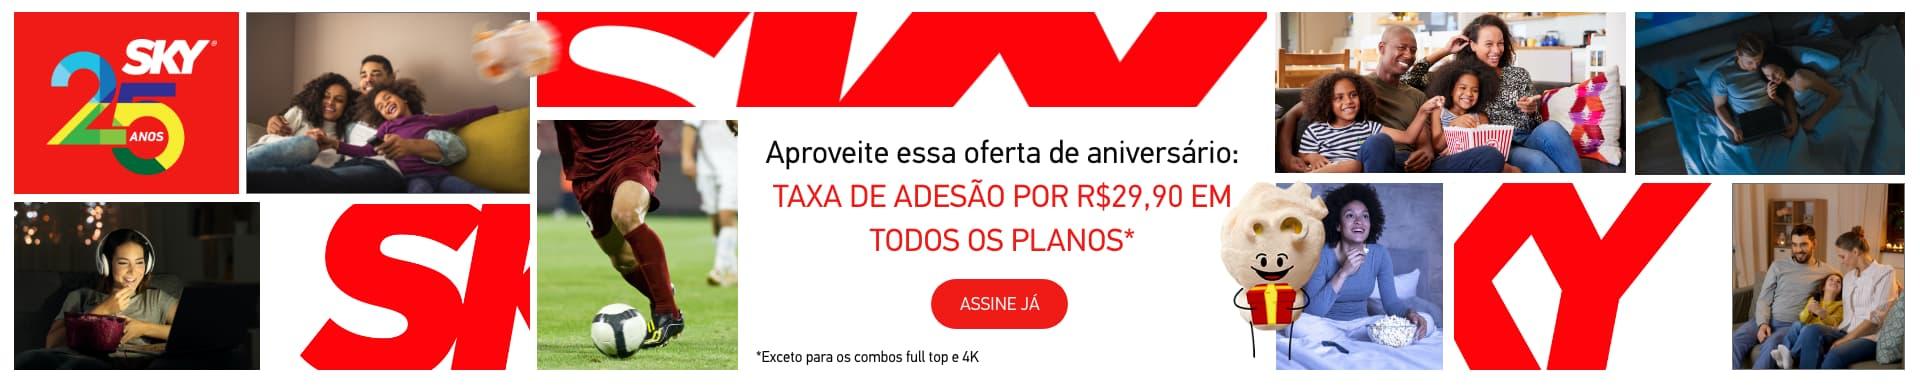 Aproveite essa oferta de aniversário! Taxa de adesão por R$29,90 em todos os planos! Assine já. *Exceto para os combos full top e 4k